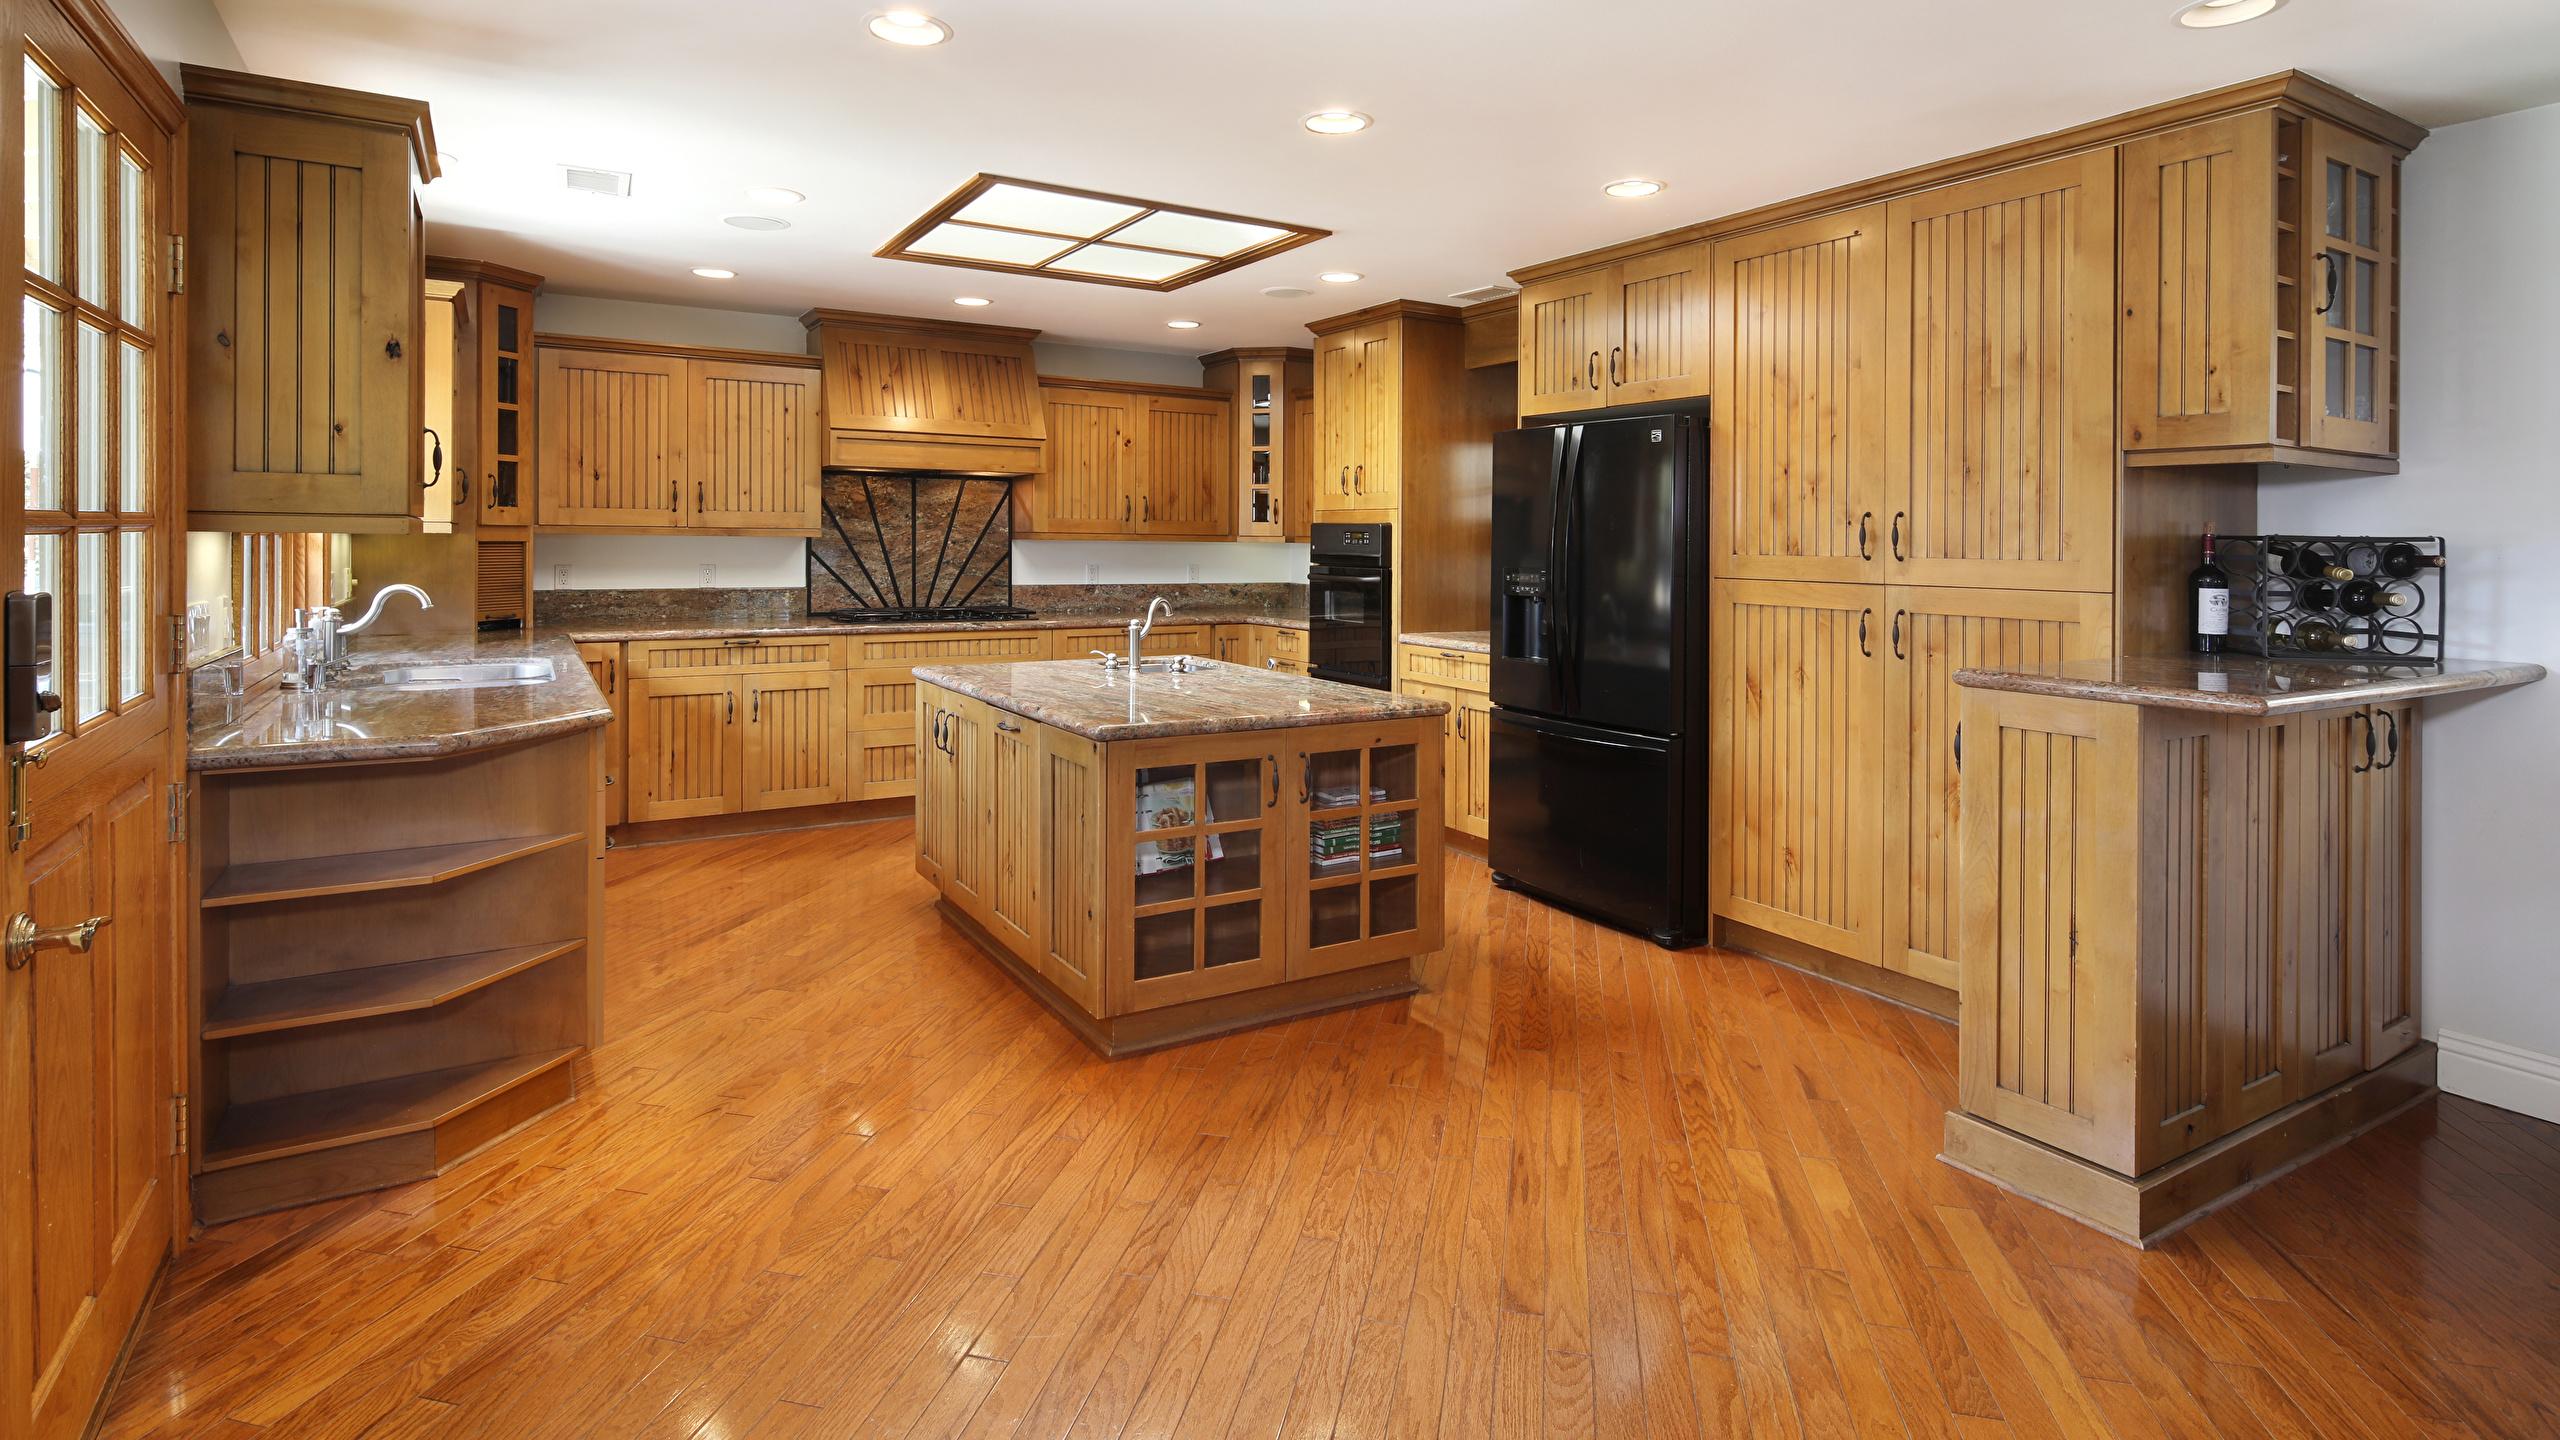 Обои кухни потолка Интерьер Стол дизайна 2560x1440 Кухня Потолок столы стола Дизайн